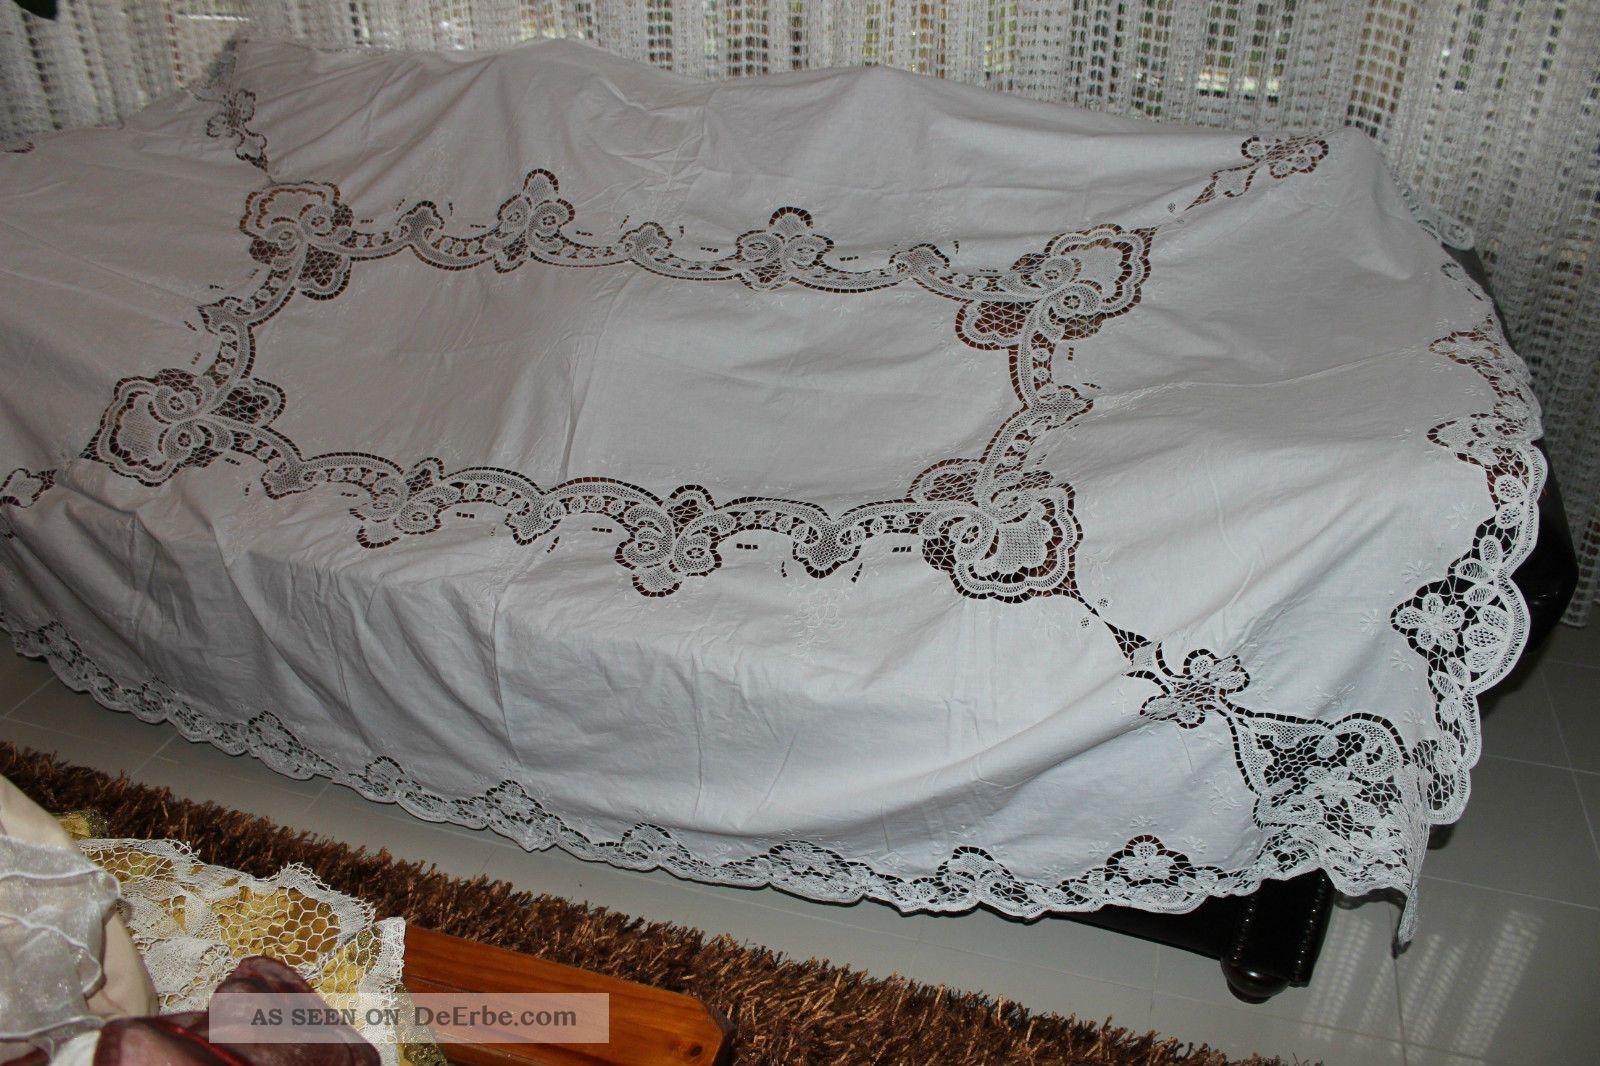 weihnach idee gro hochzeit tischdecke b ndchen spitze stickerei 160x240. Black Bedroom Furniture Sets. Home Design Ideas